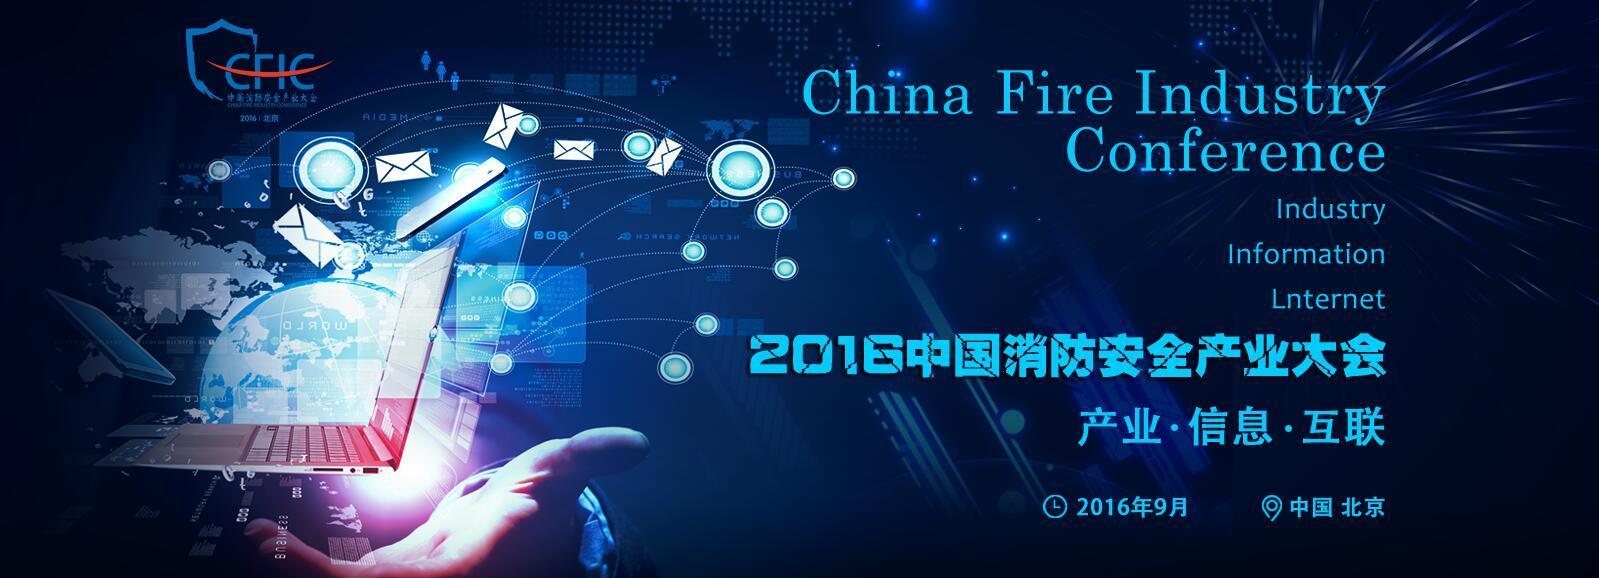 2016中国消防安全产业大会